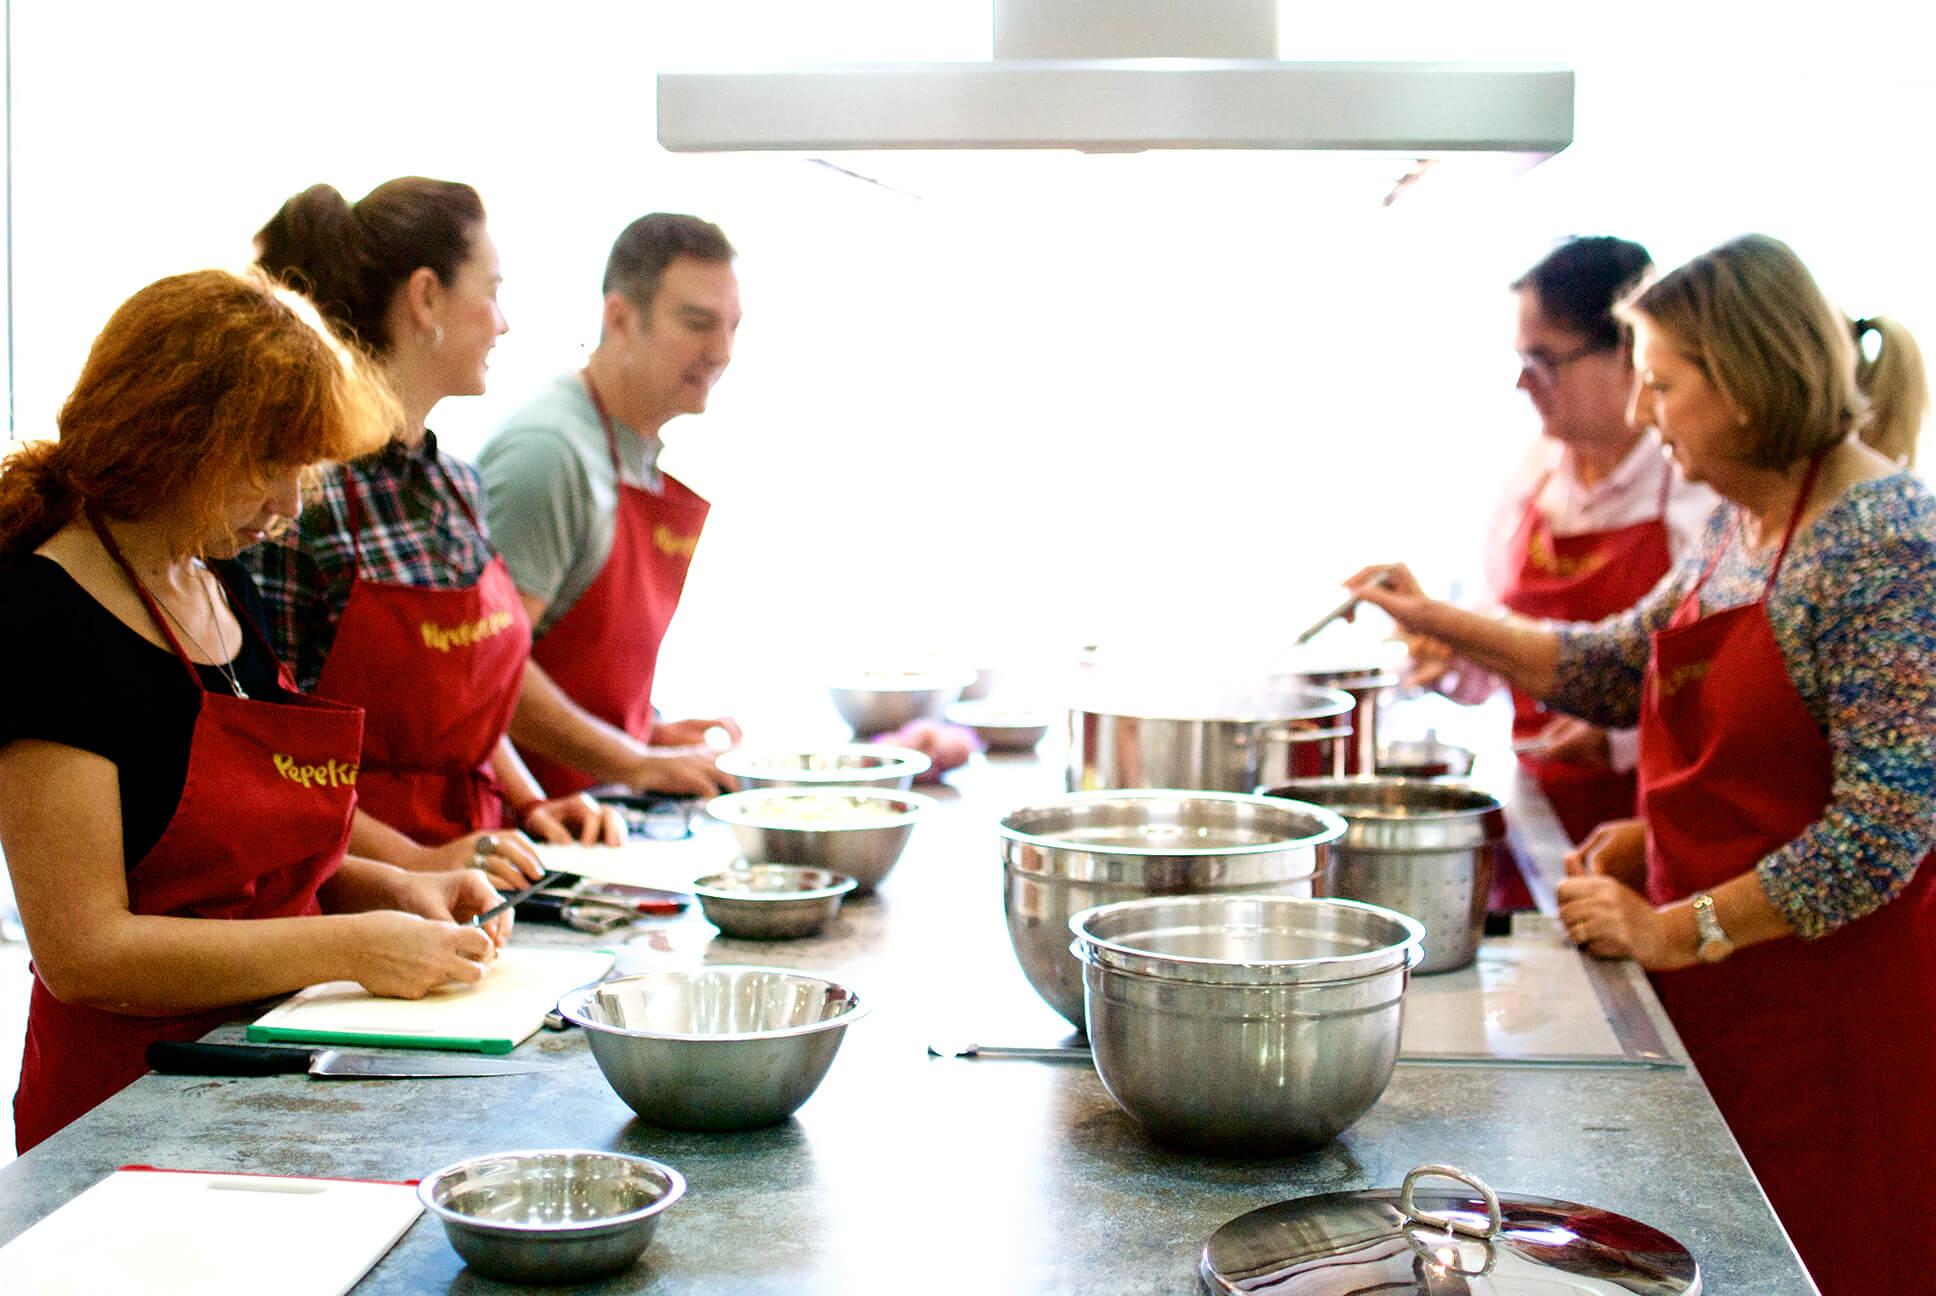 Pepekitchen escuela de cocina en m laga - Clases cocina malaga ...